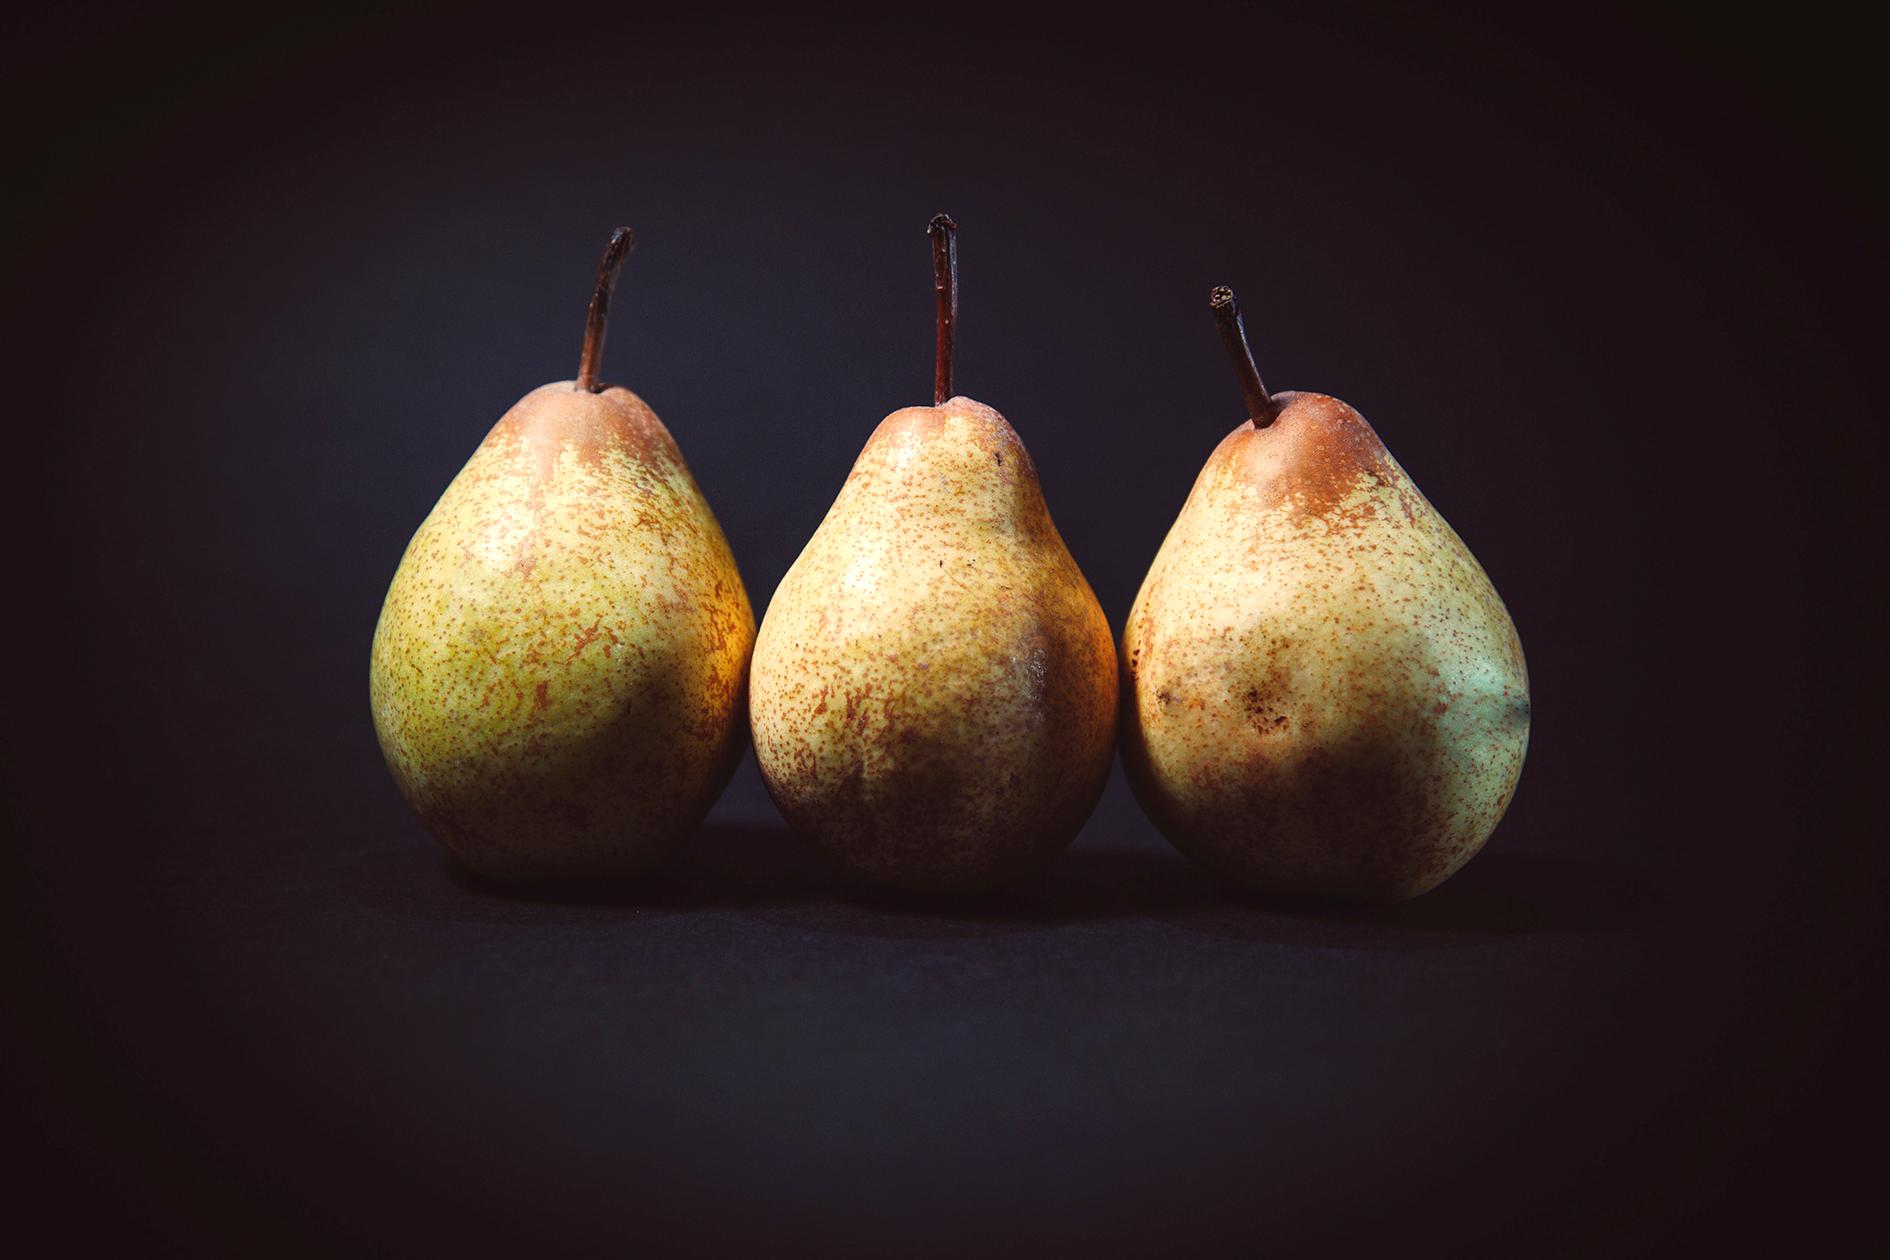 jason-b-graham-pear-armut-0002